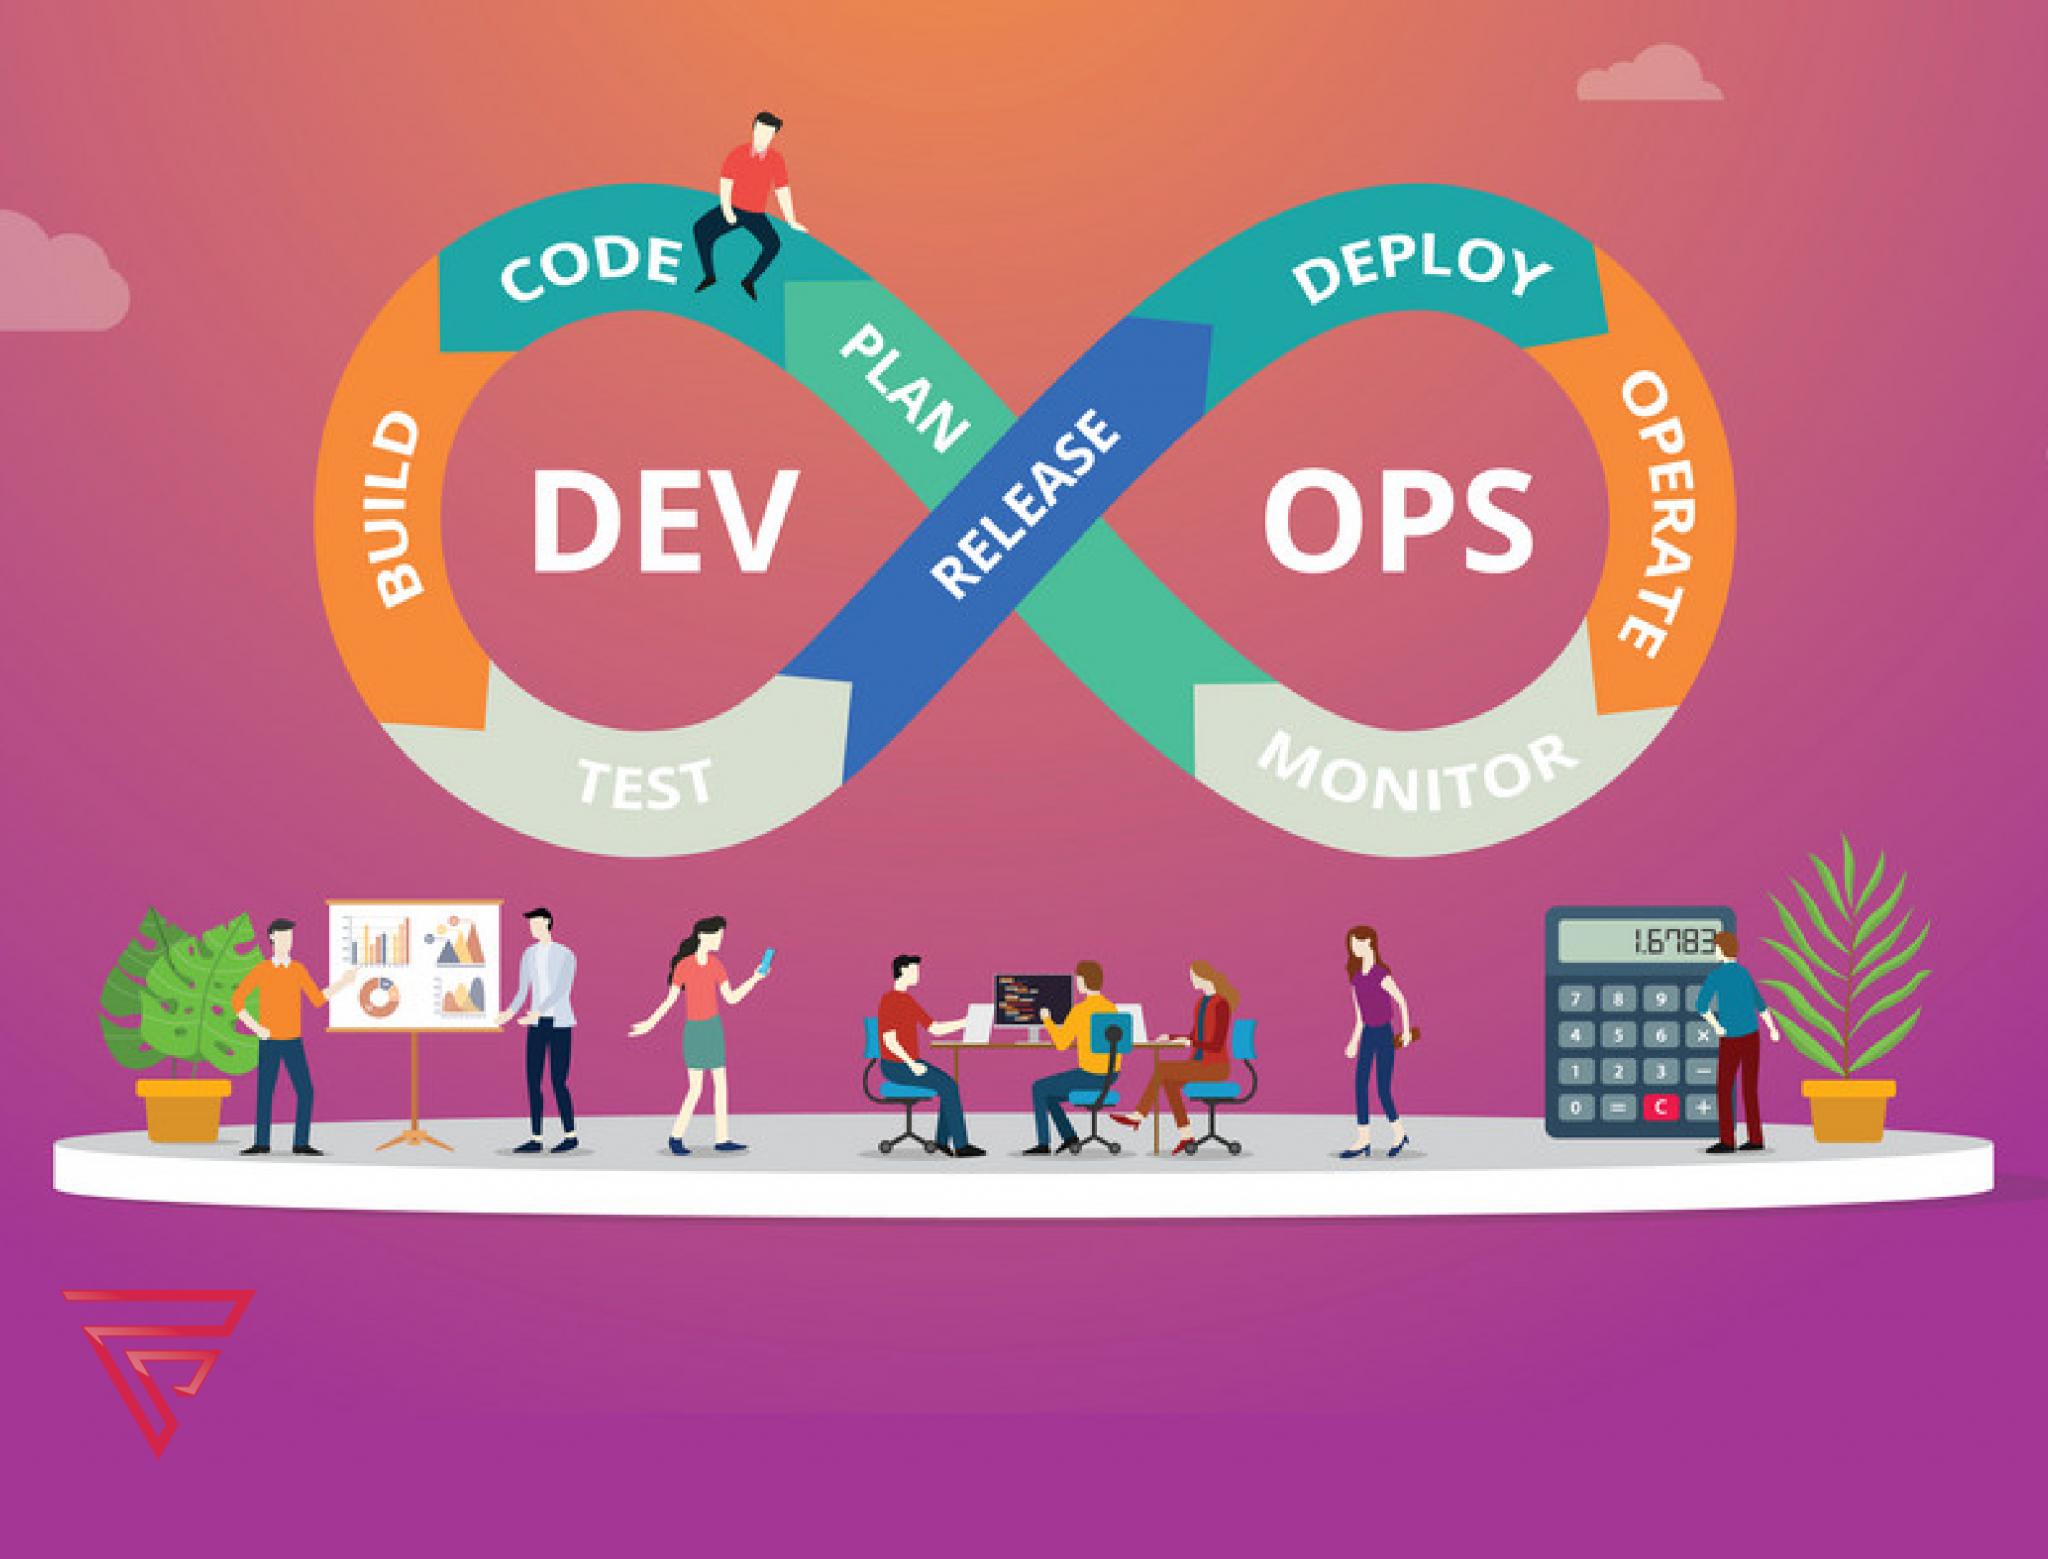 DevOps – The efficient blend